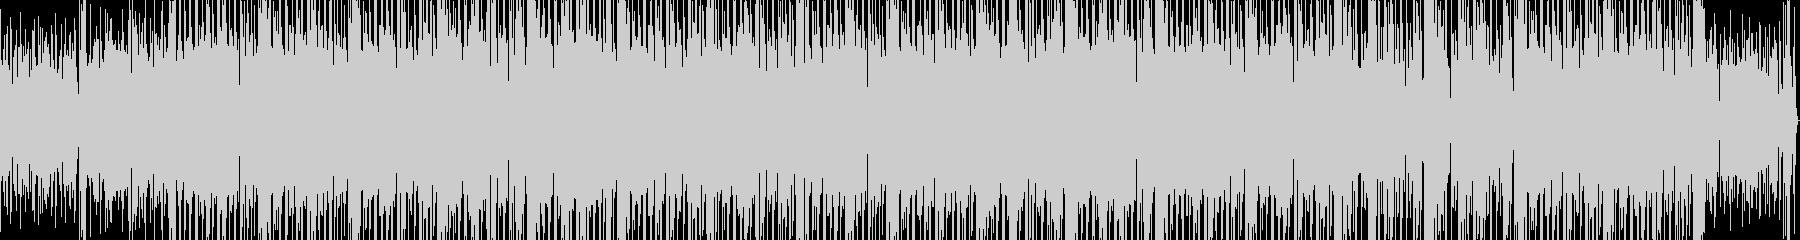 サルサ。古典的なラテンサークル和音...の未再生の波形